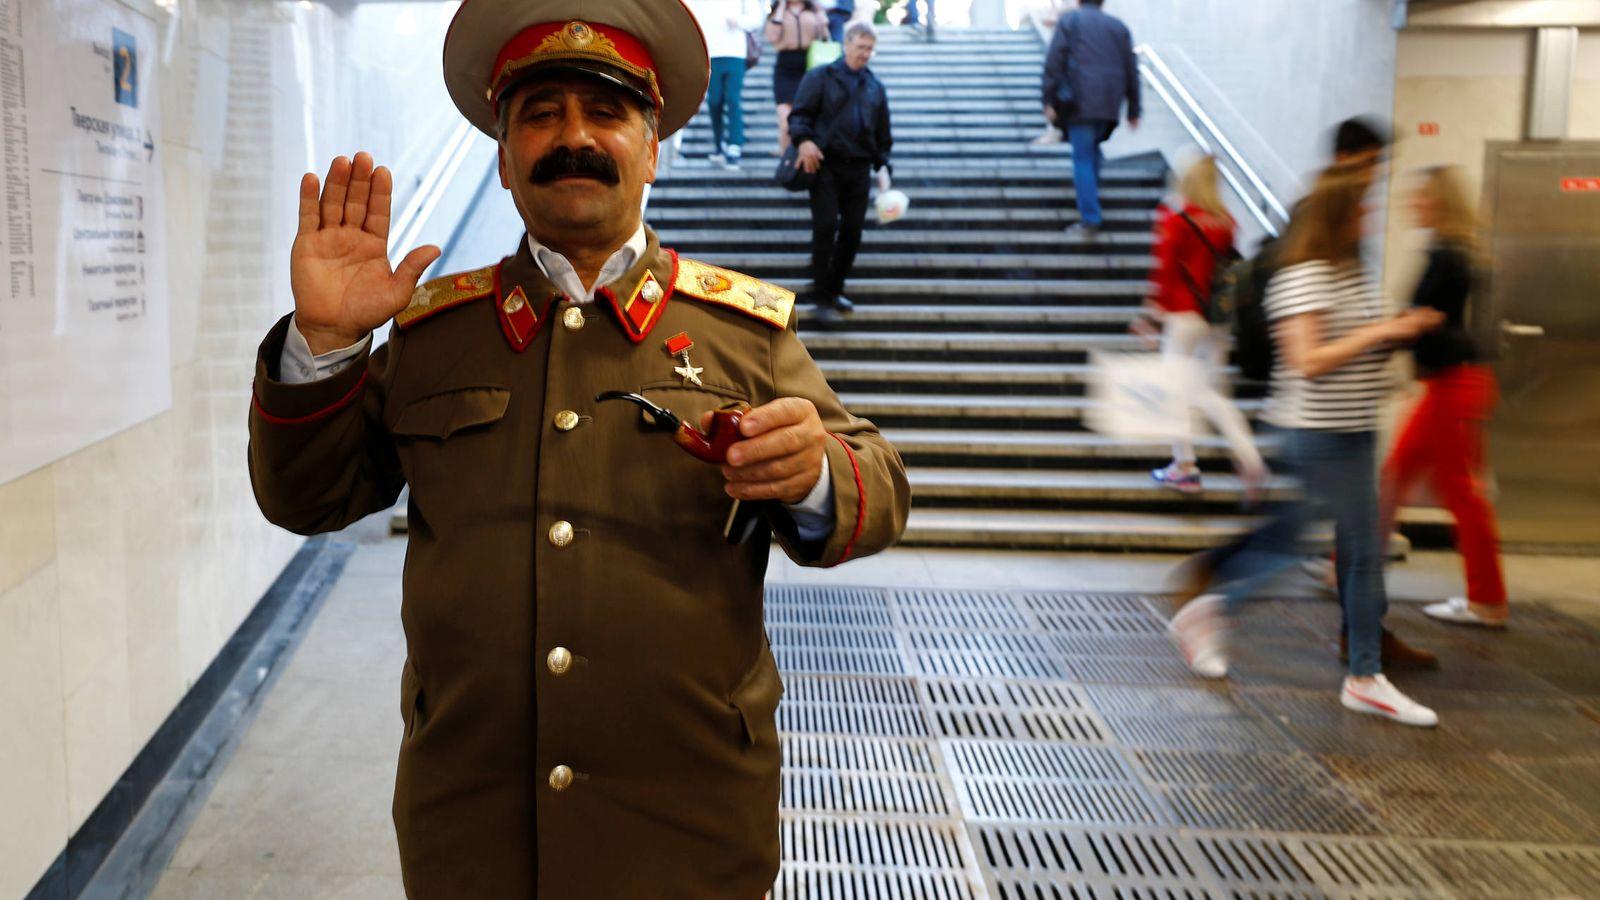 Foto: Un imitador de Stalin, durante el mundial de Rusia. (Reuters/Kai Pfaffenbach)